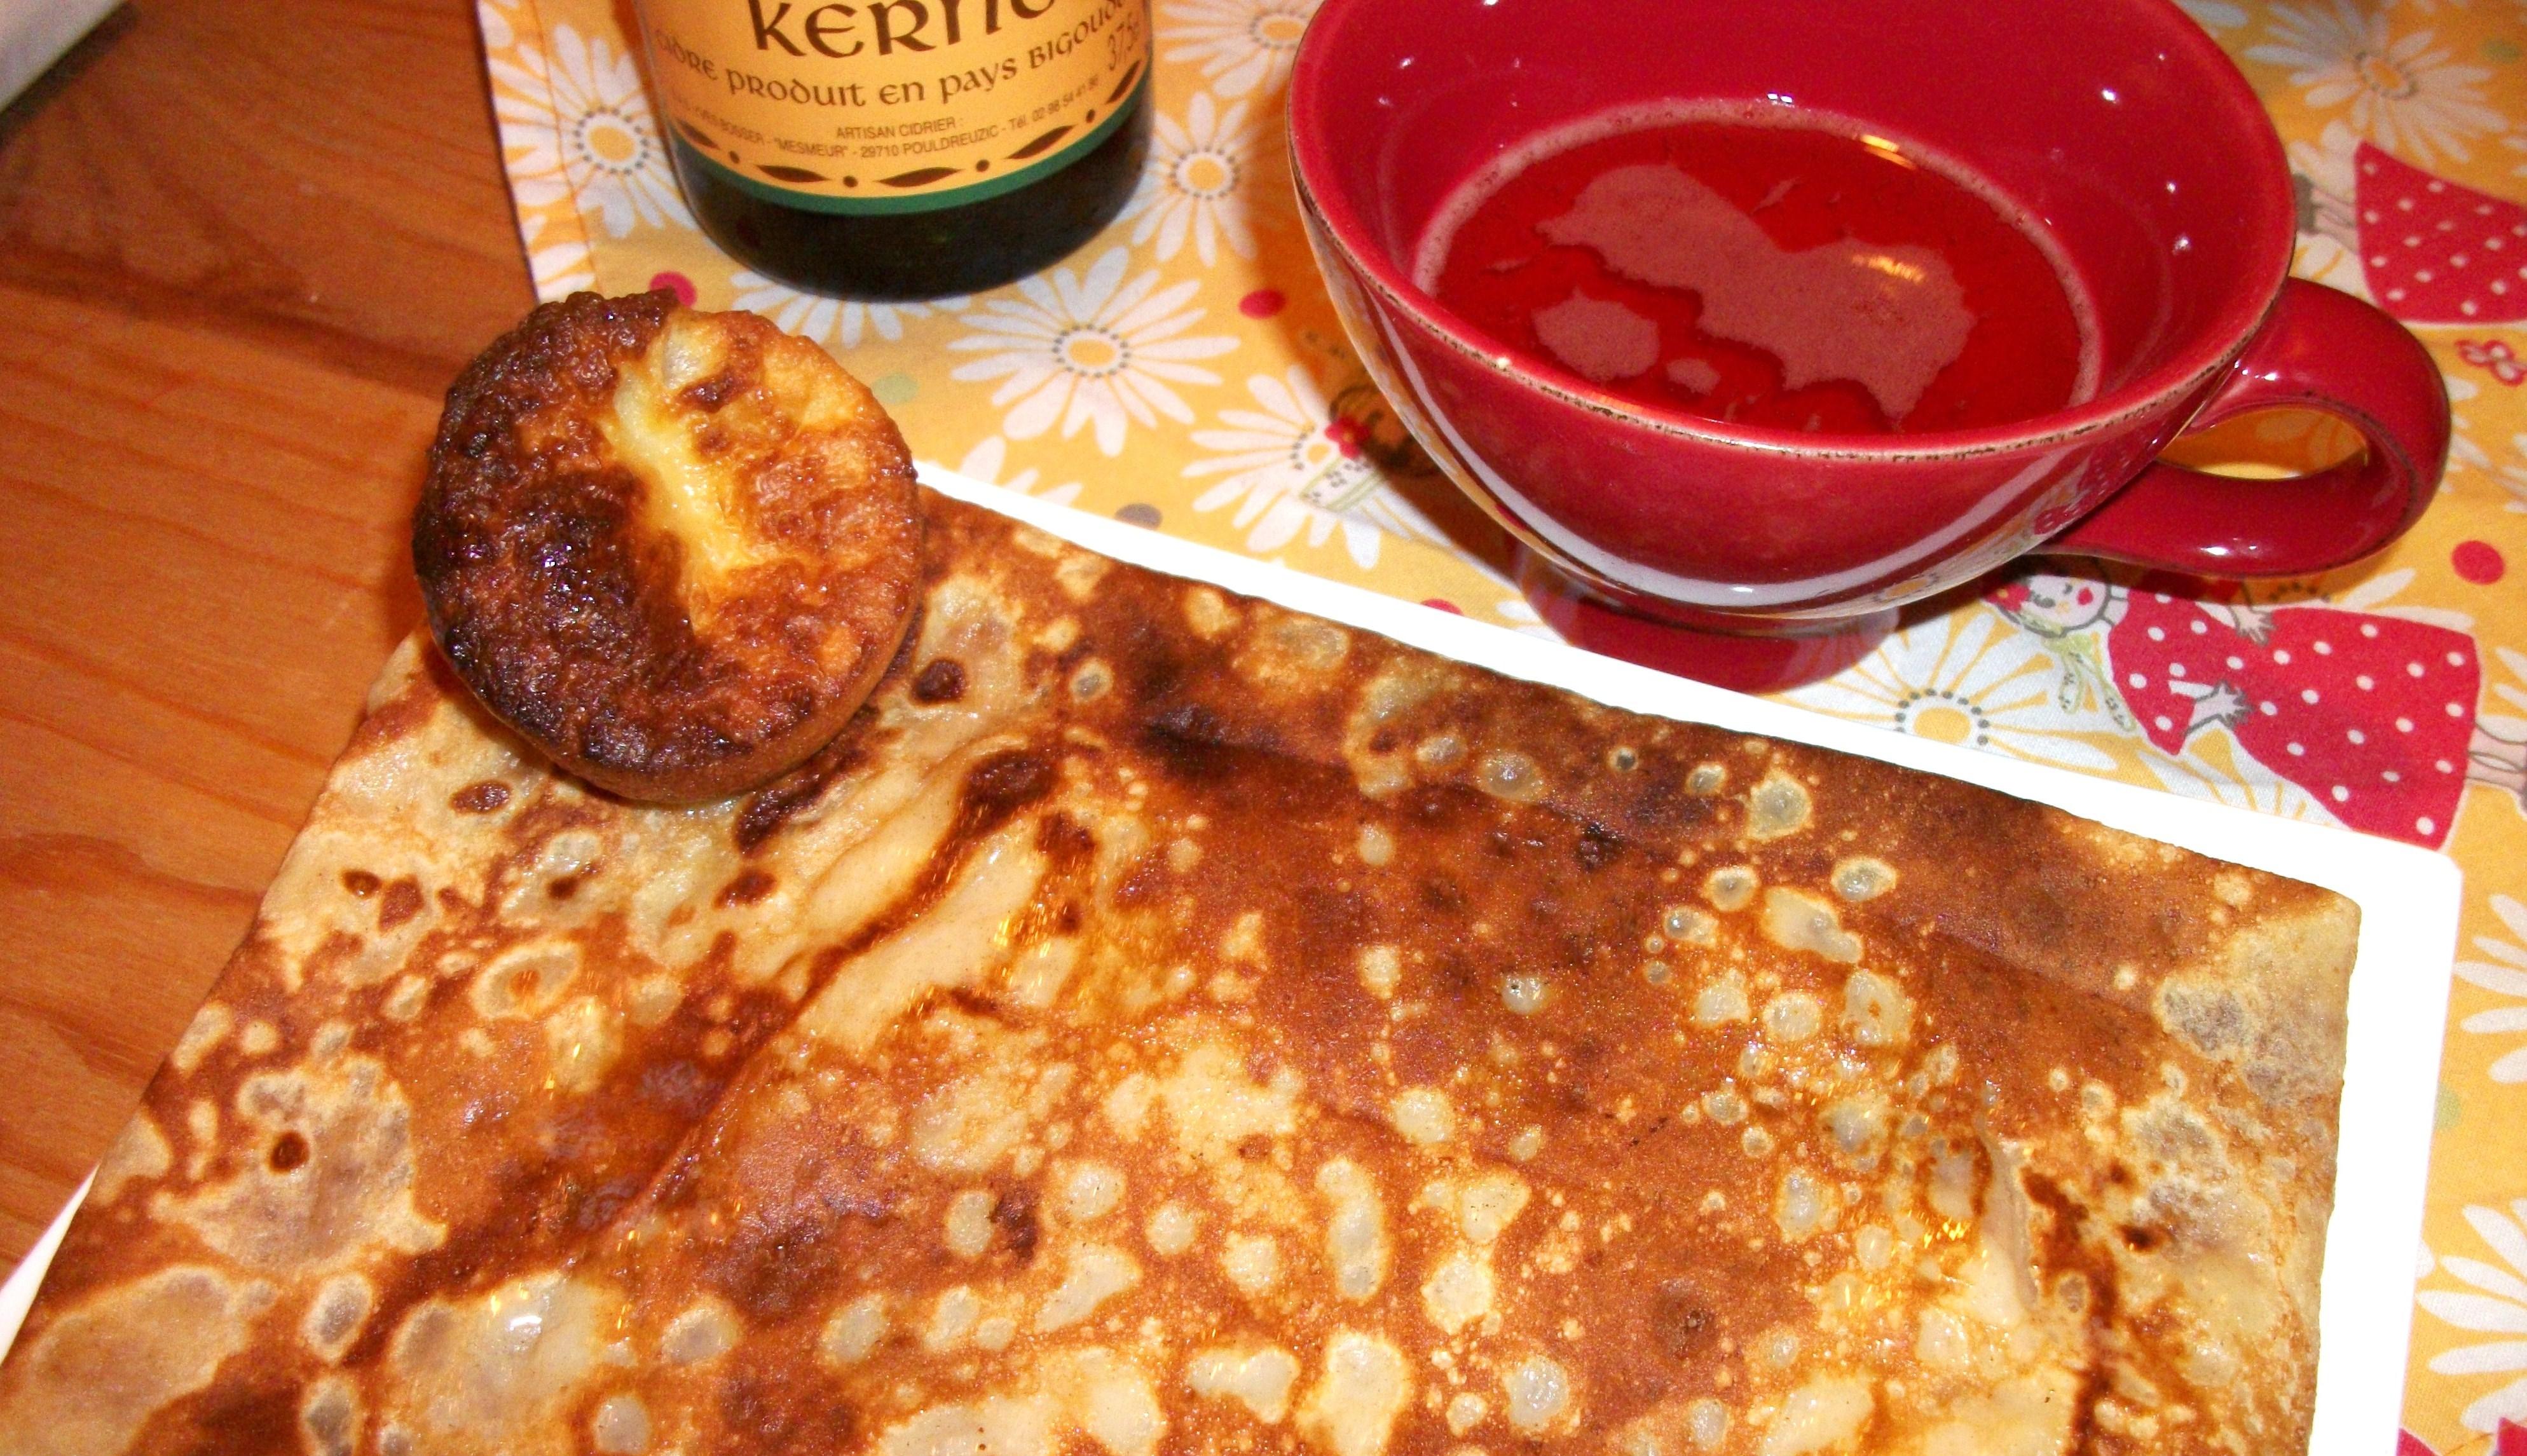 Crêpes cidre & compagnie - crêpe aux pommes cuites caramel beurre salé